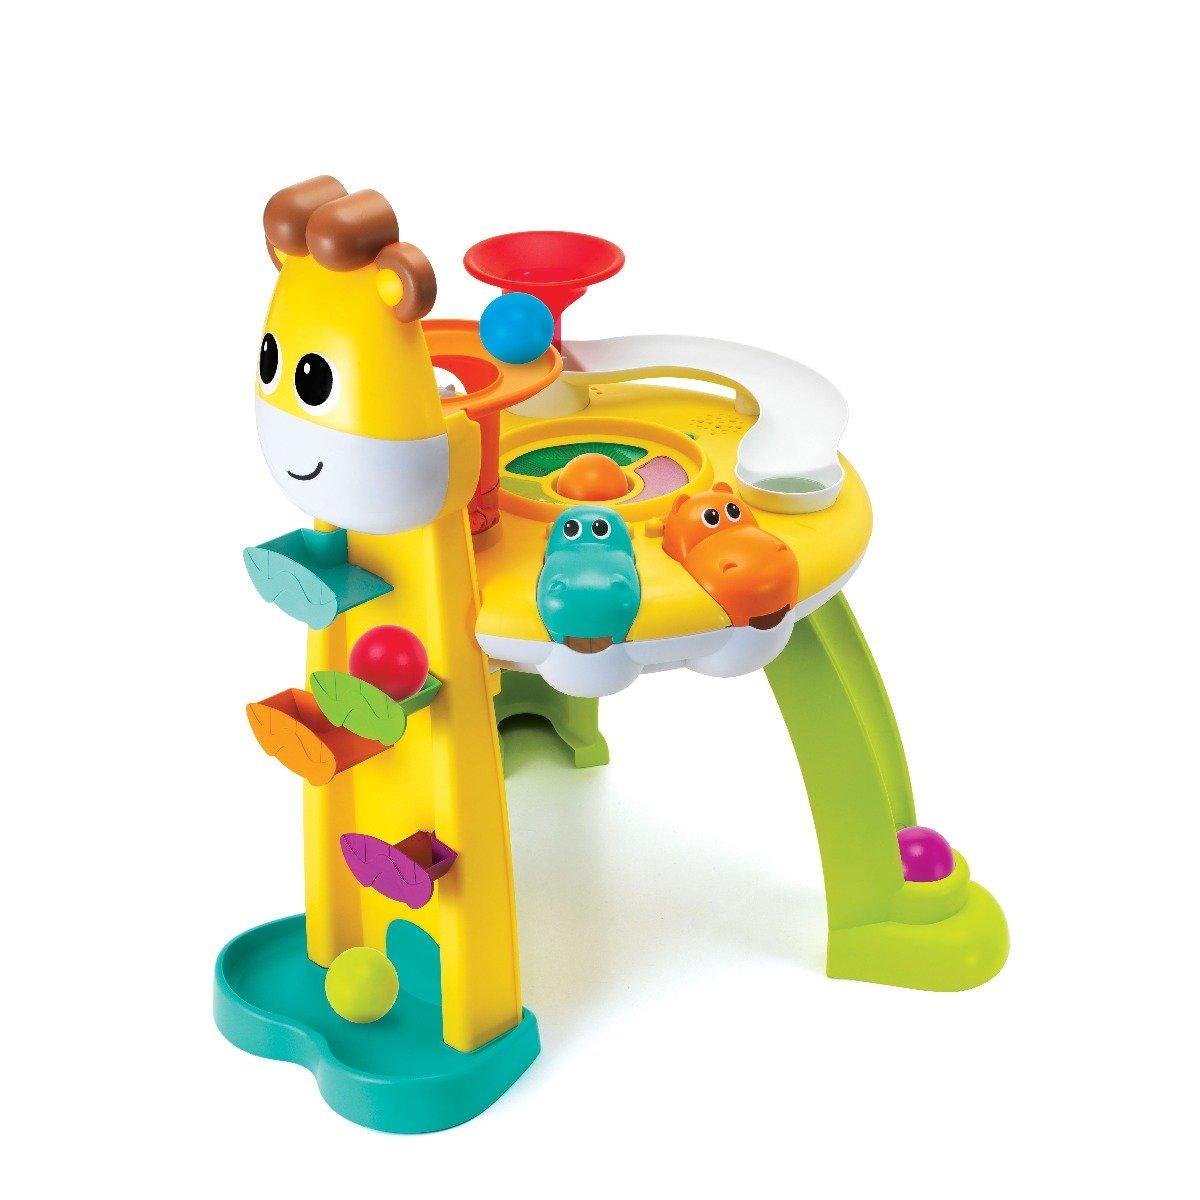 Jucarie Bebelusi B Kids, Statie De Distractie Girafa